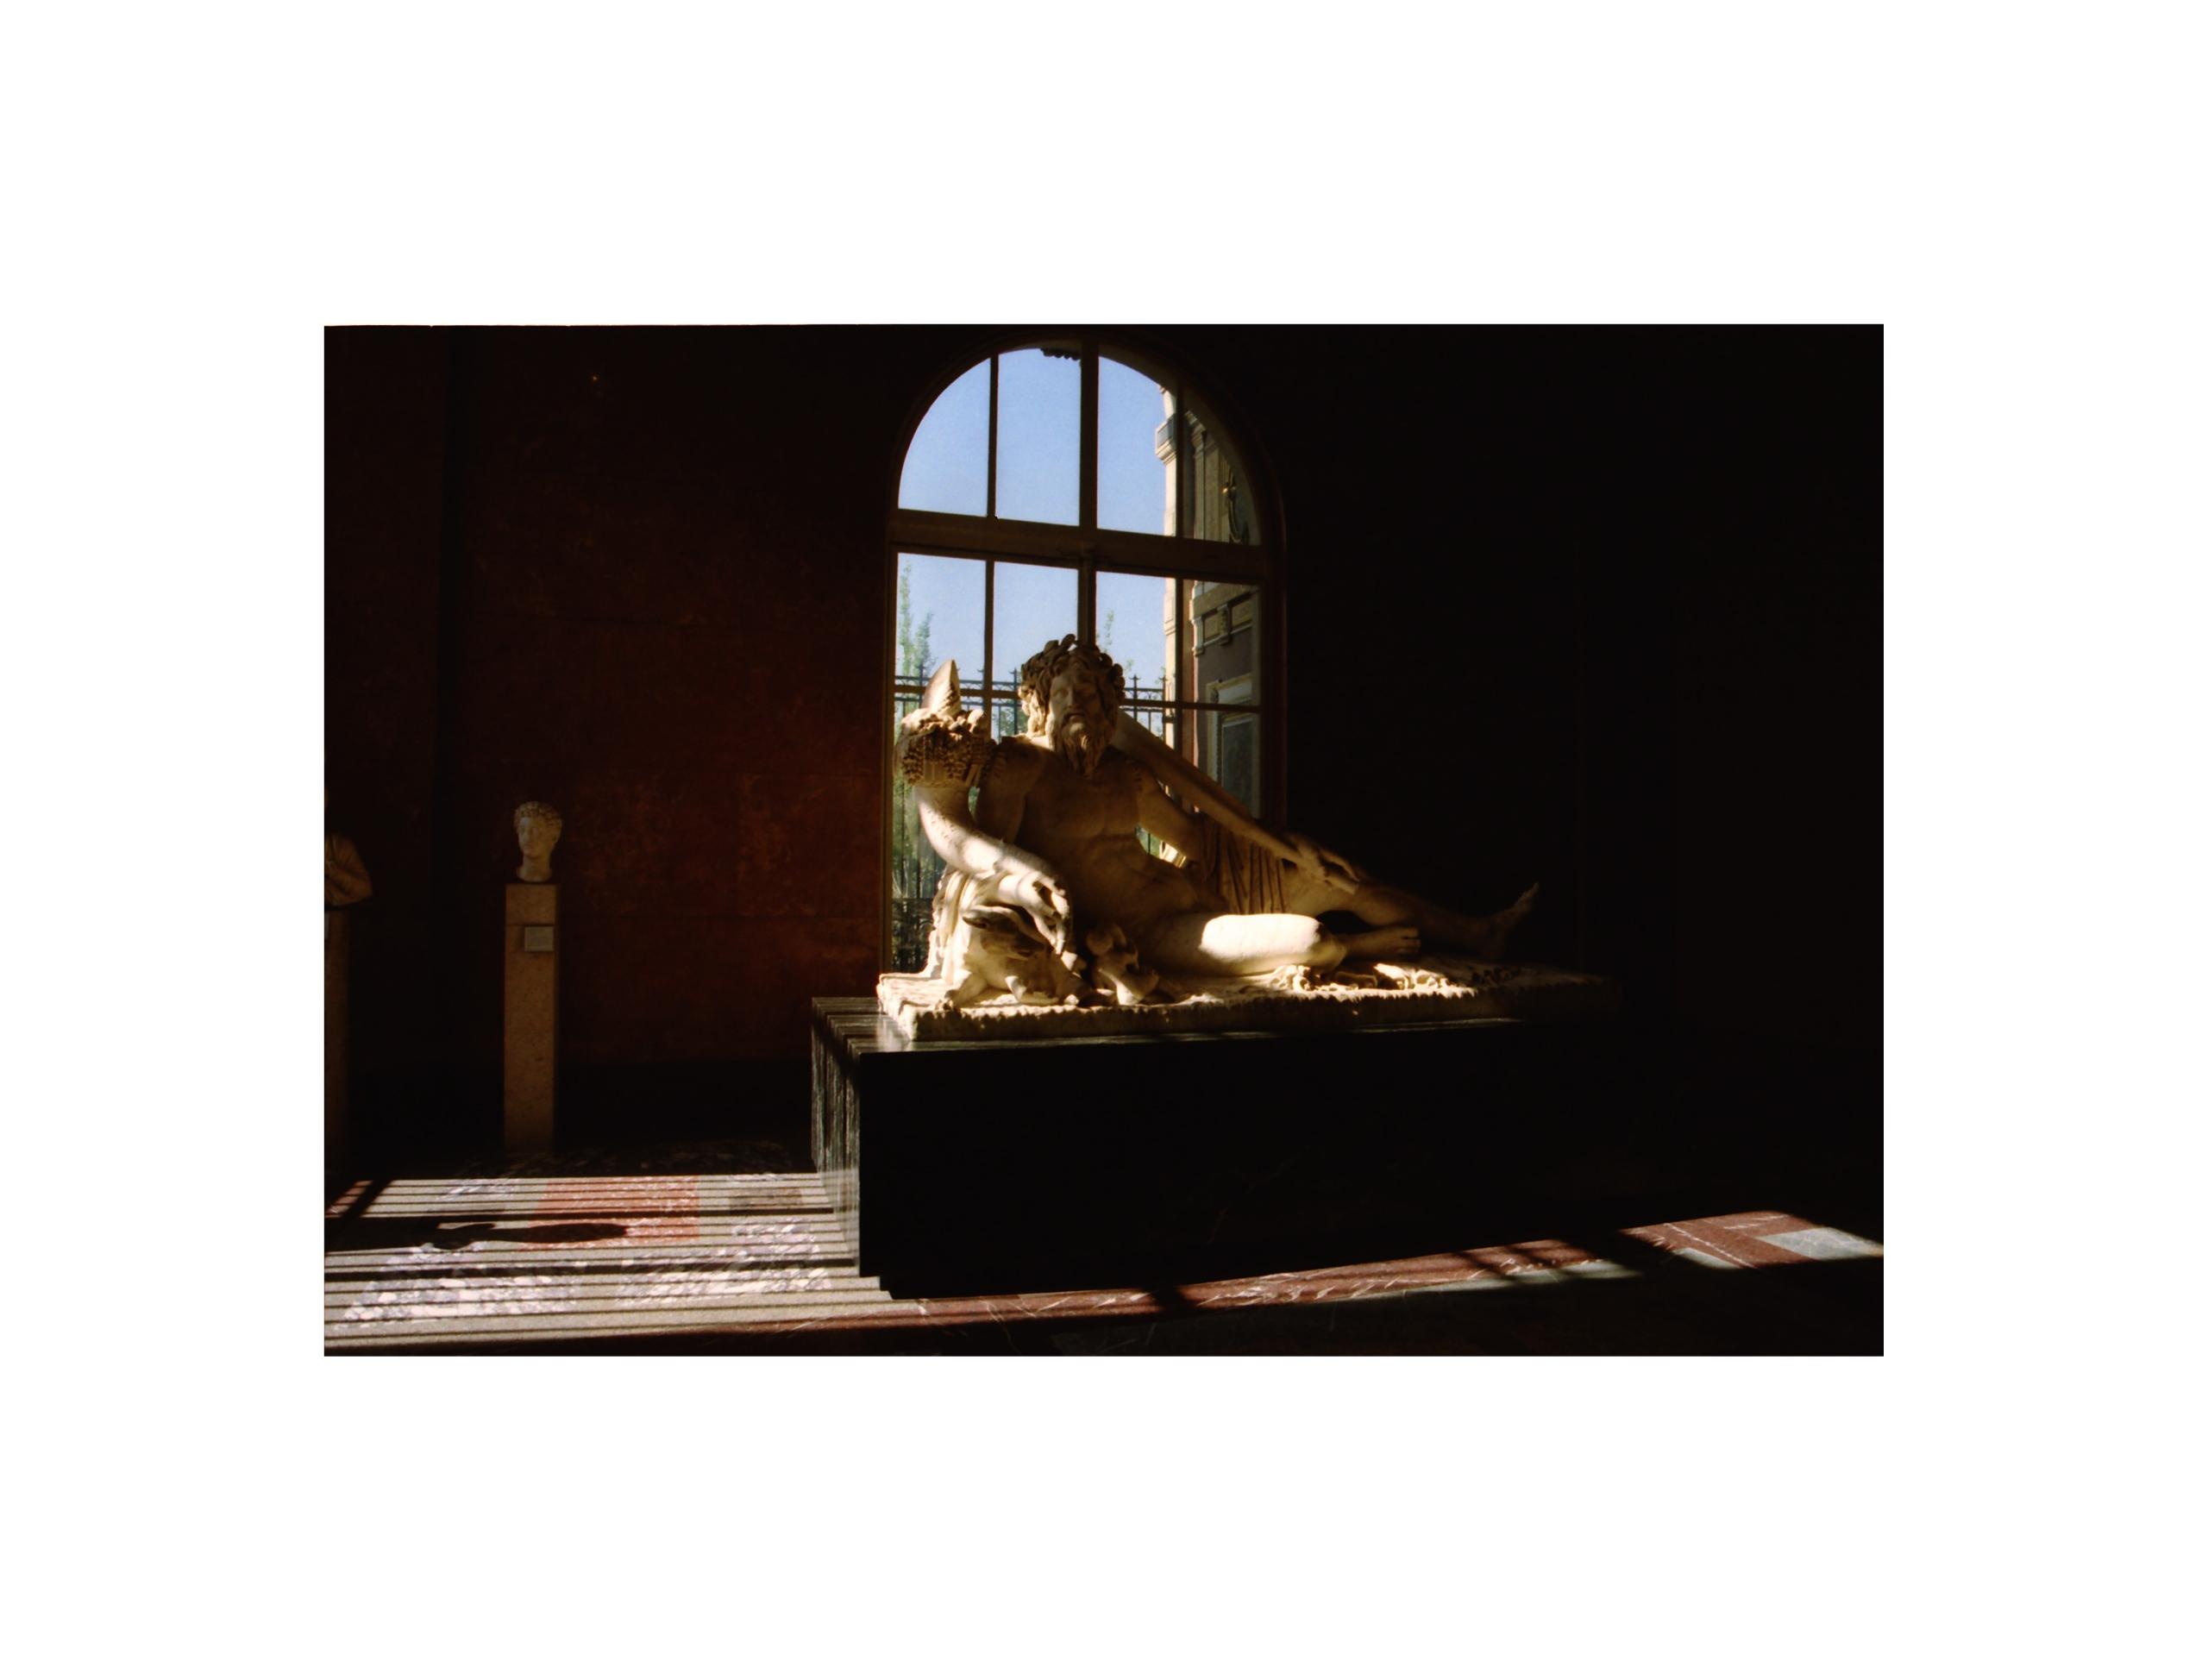 Louvre Museum 35mm filmphotogra - robertagregorace   ello